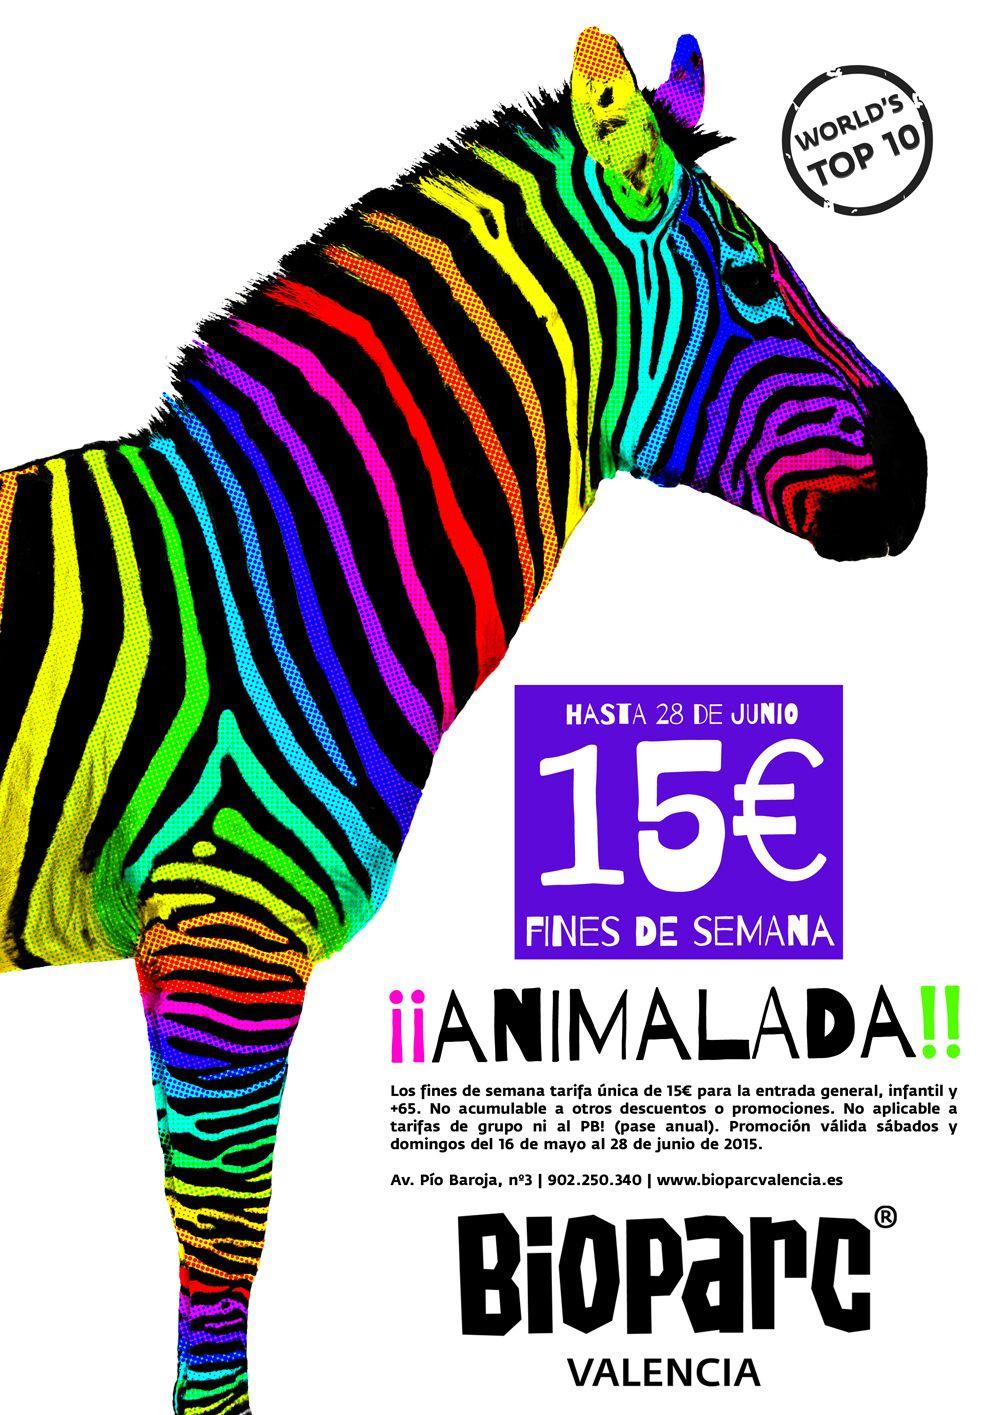 ¡¡ ANIMALADA !! Disfruta Bioparc Valencia por sólo 15€ los fines de semana hasta el 28 de junio. Más información: www.bioparcvalencia.es